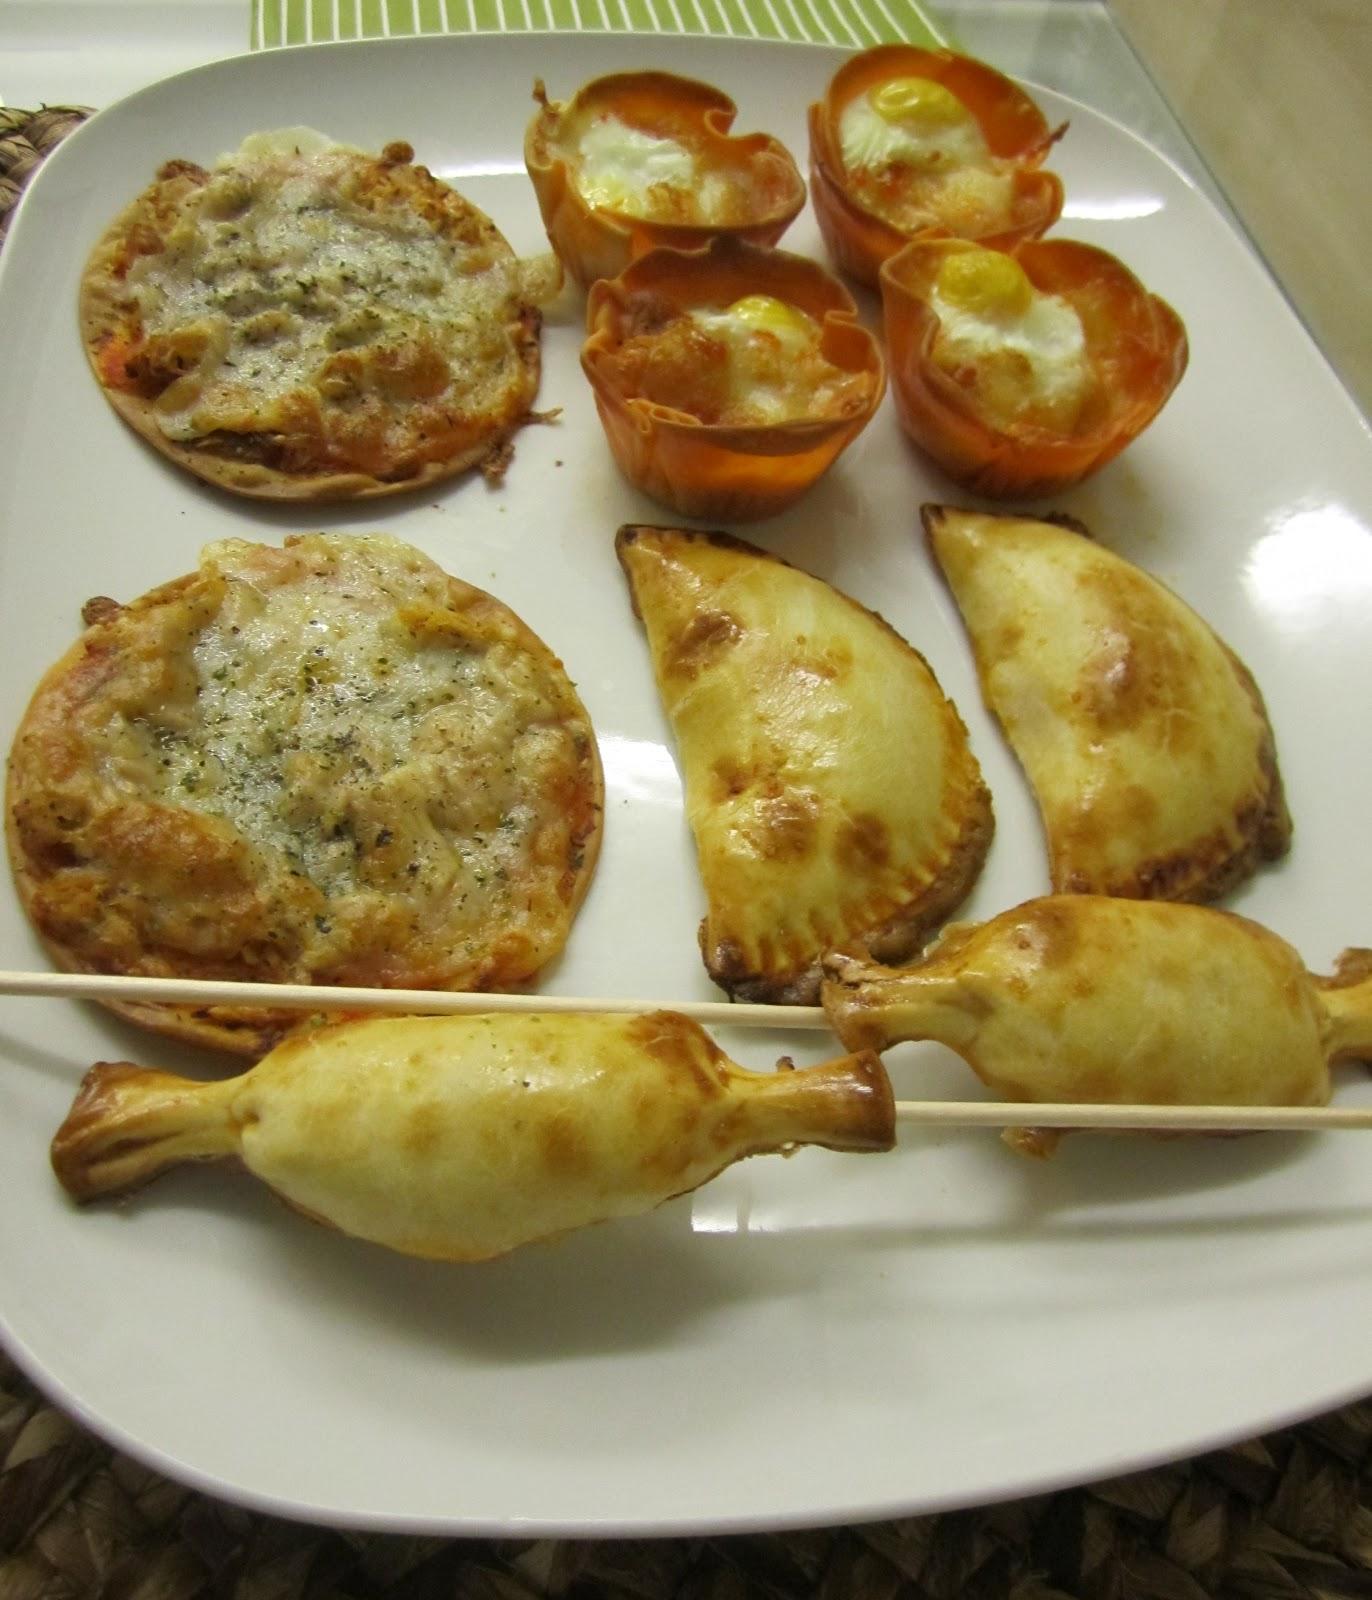 Un domingo en mi cocina: Ideas para fiestas II. Los miércoles cocina ...